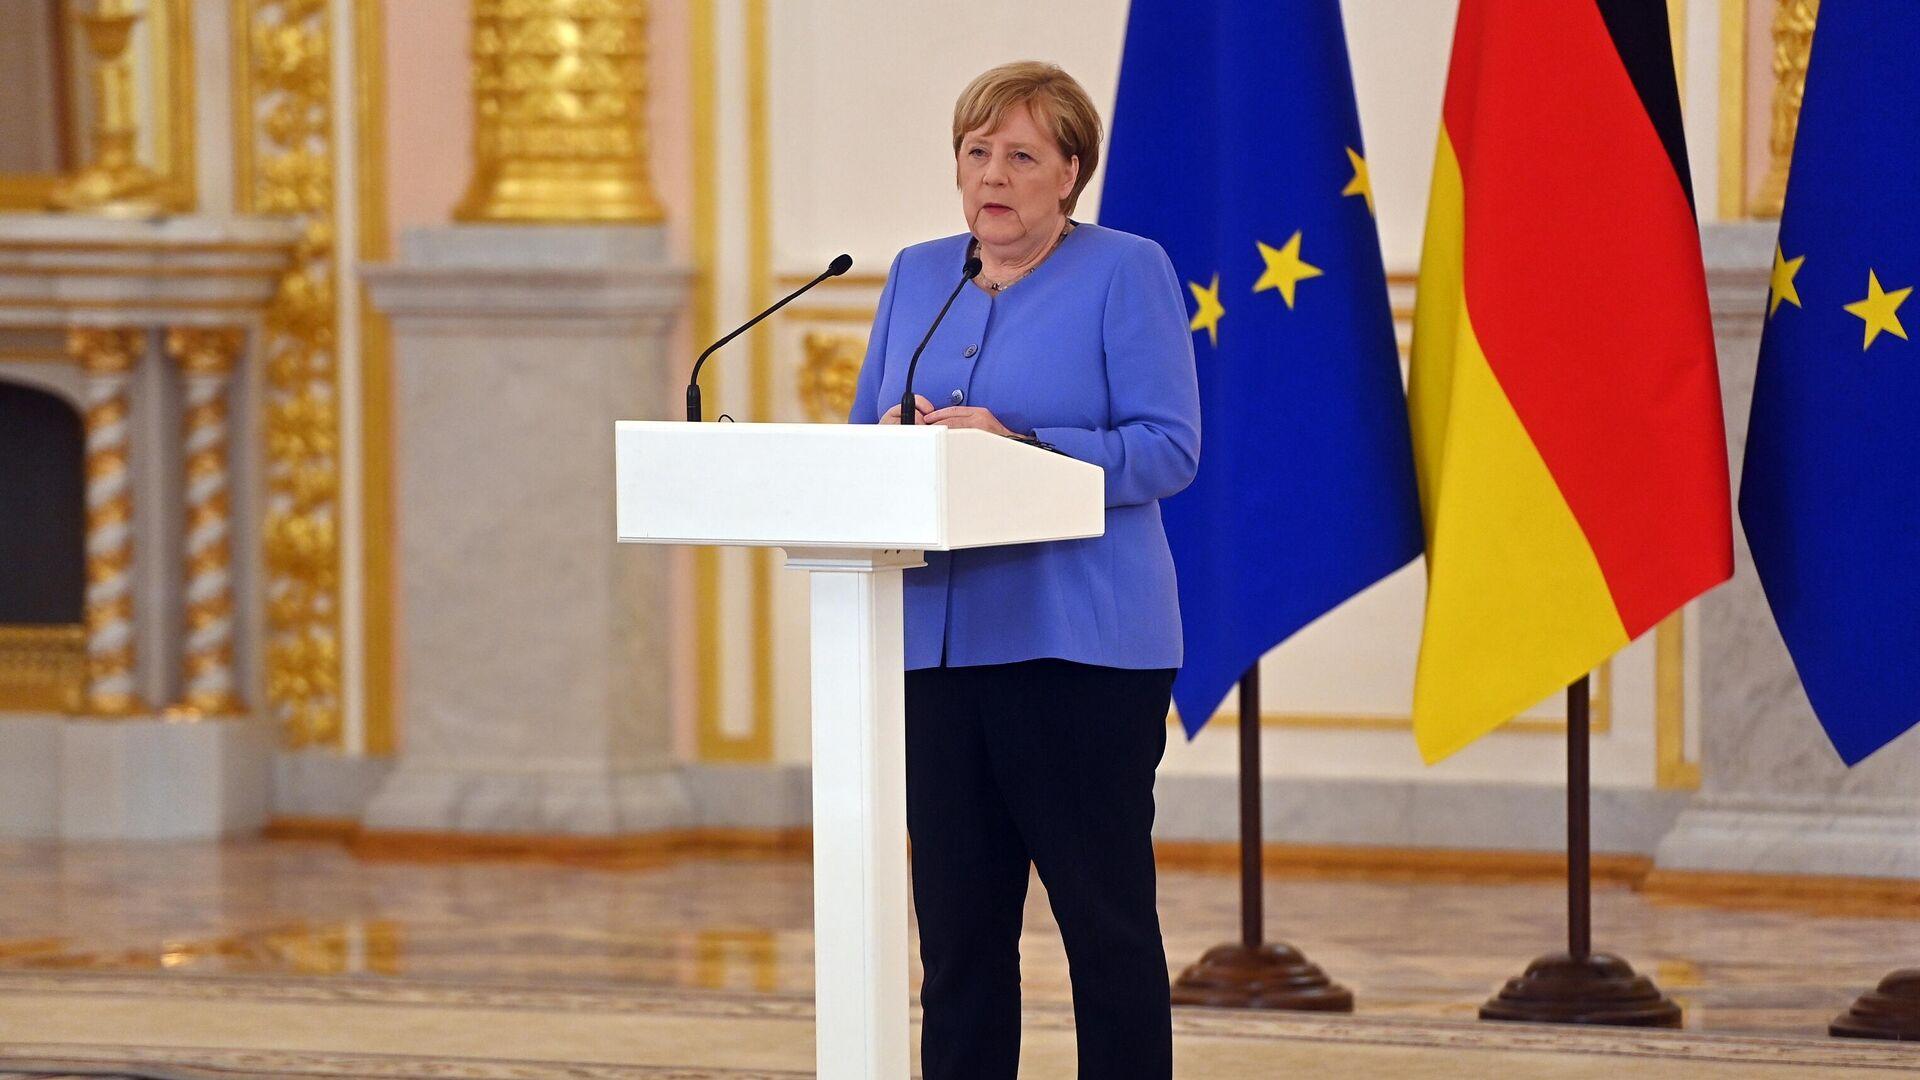 Федеральный канцлер Германии Ангела Меркель во время совместной с президентом РФ Владимиром Путиным пресс-конференции - РИА Новости, 1920, 20.08.2021